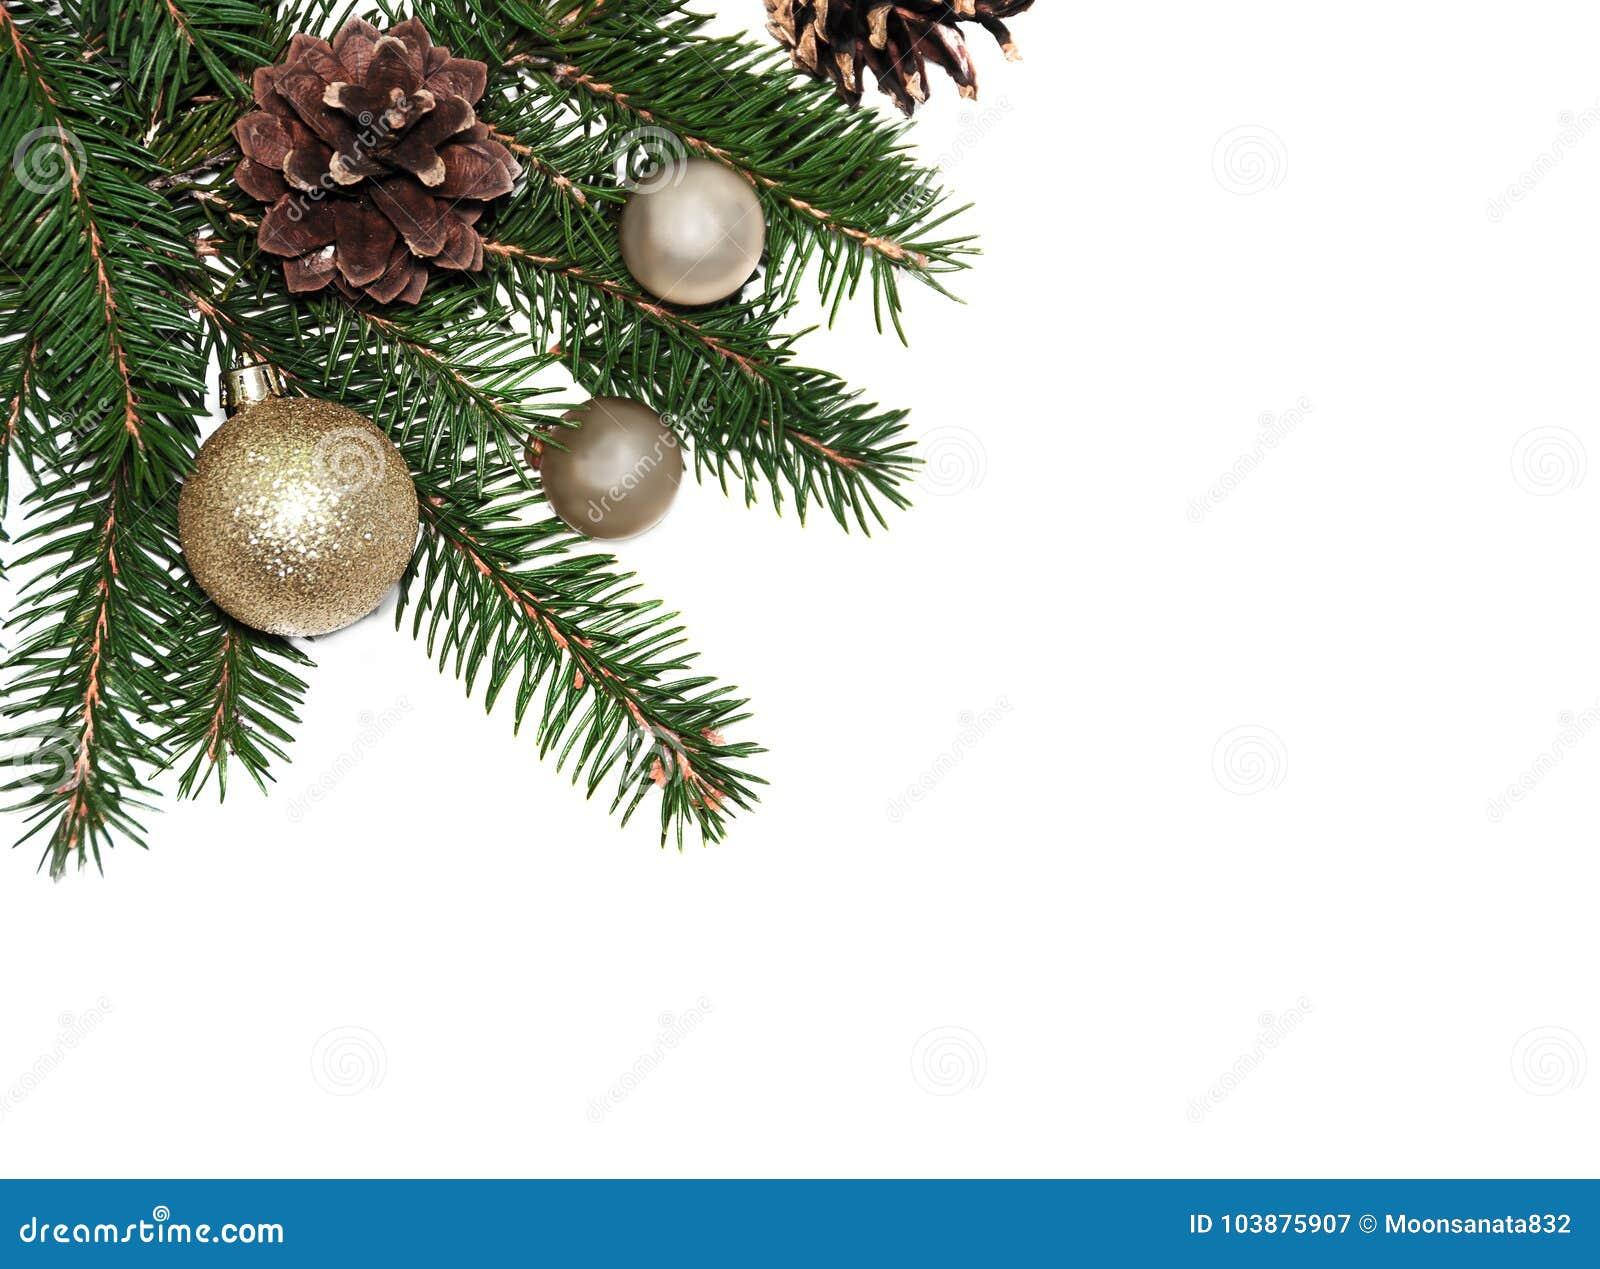 Marcos Para Fotos De Arbol De Navidad.Fondo Del Marco De La Navidad Del Arbol De Navidad Y Del